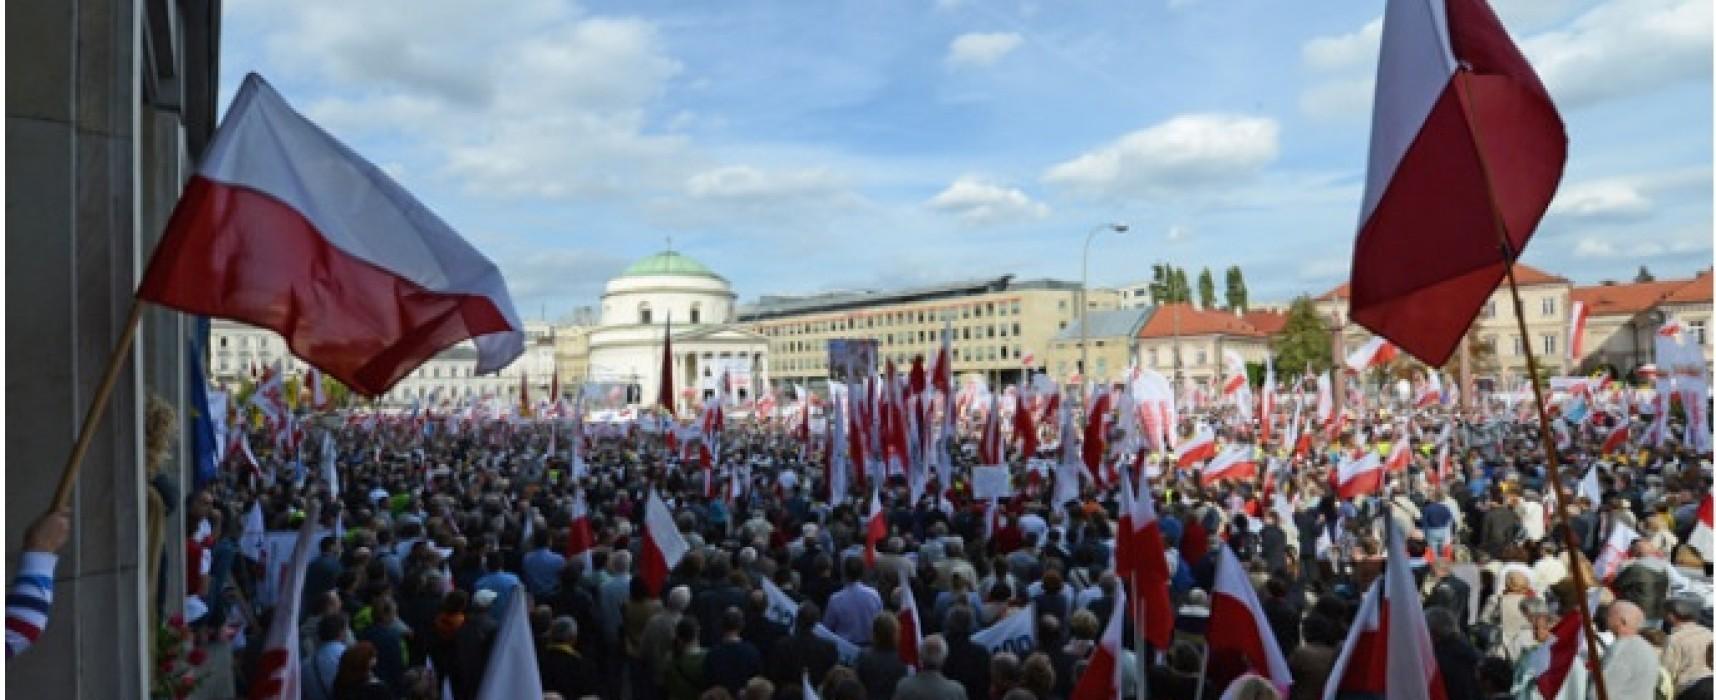 Ложь: в Тернополе прошел митинг за воссоединение с Польшей